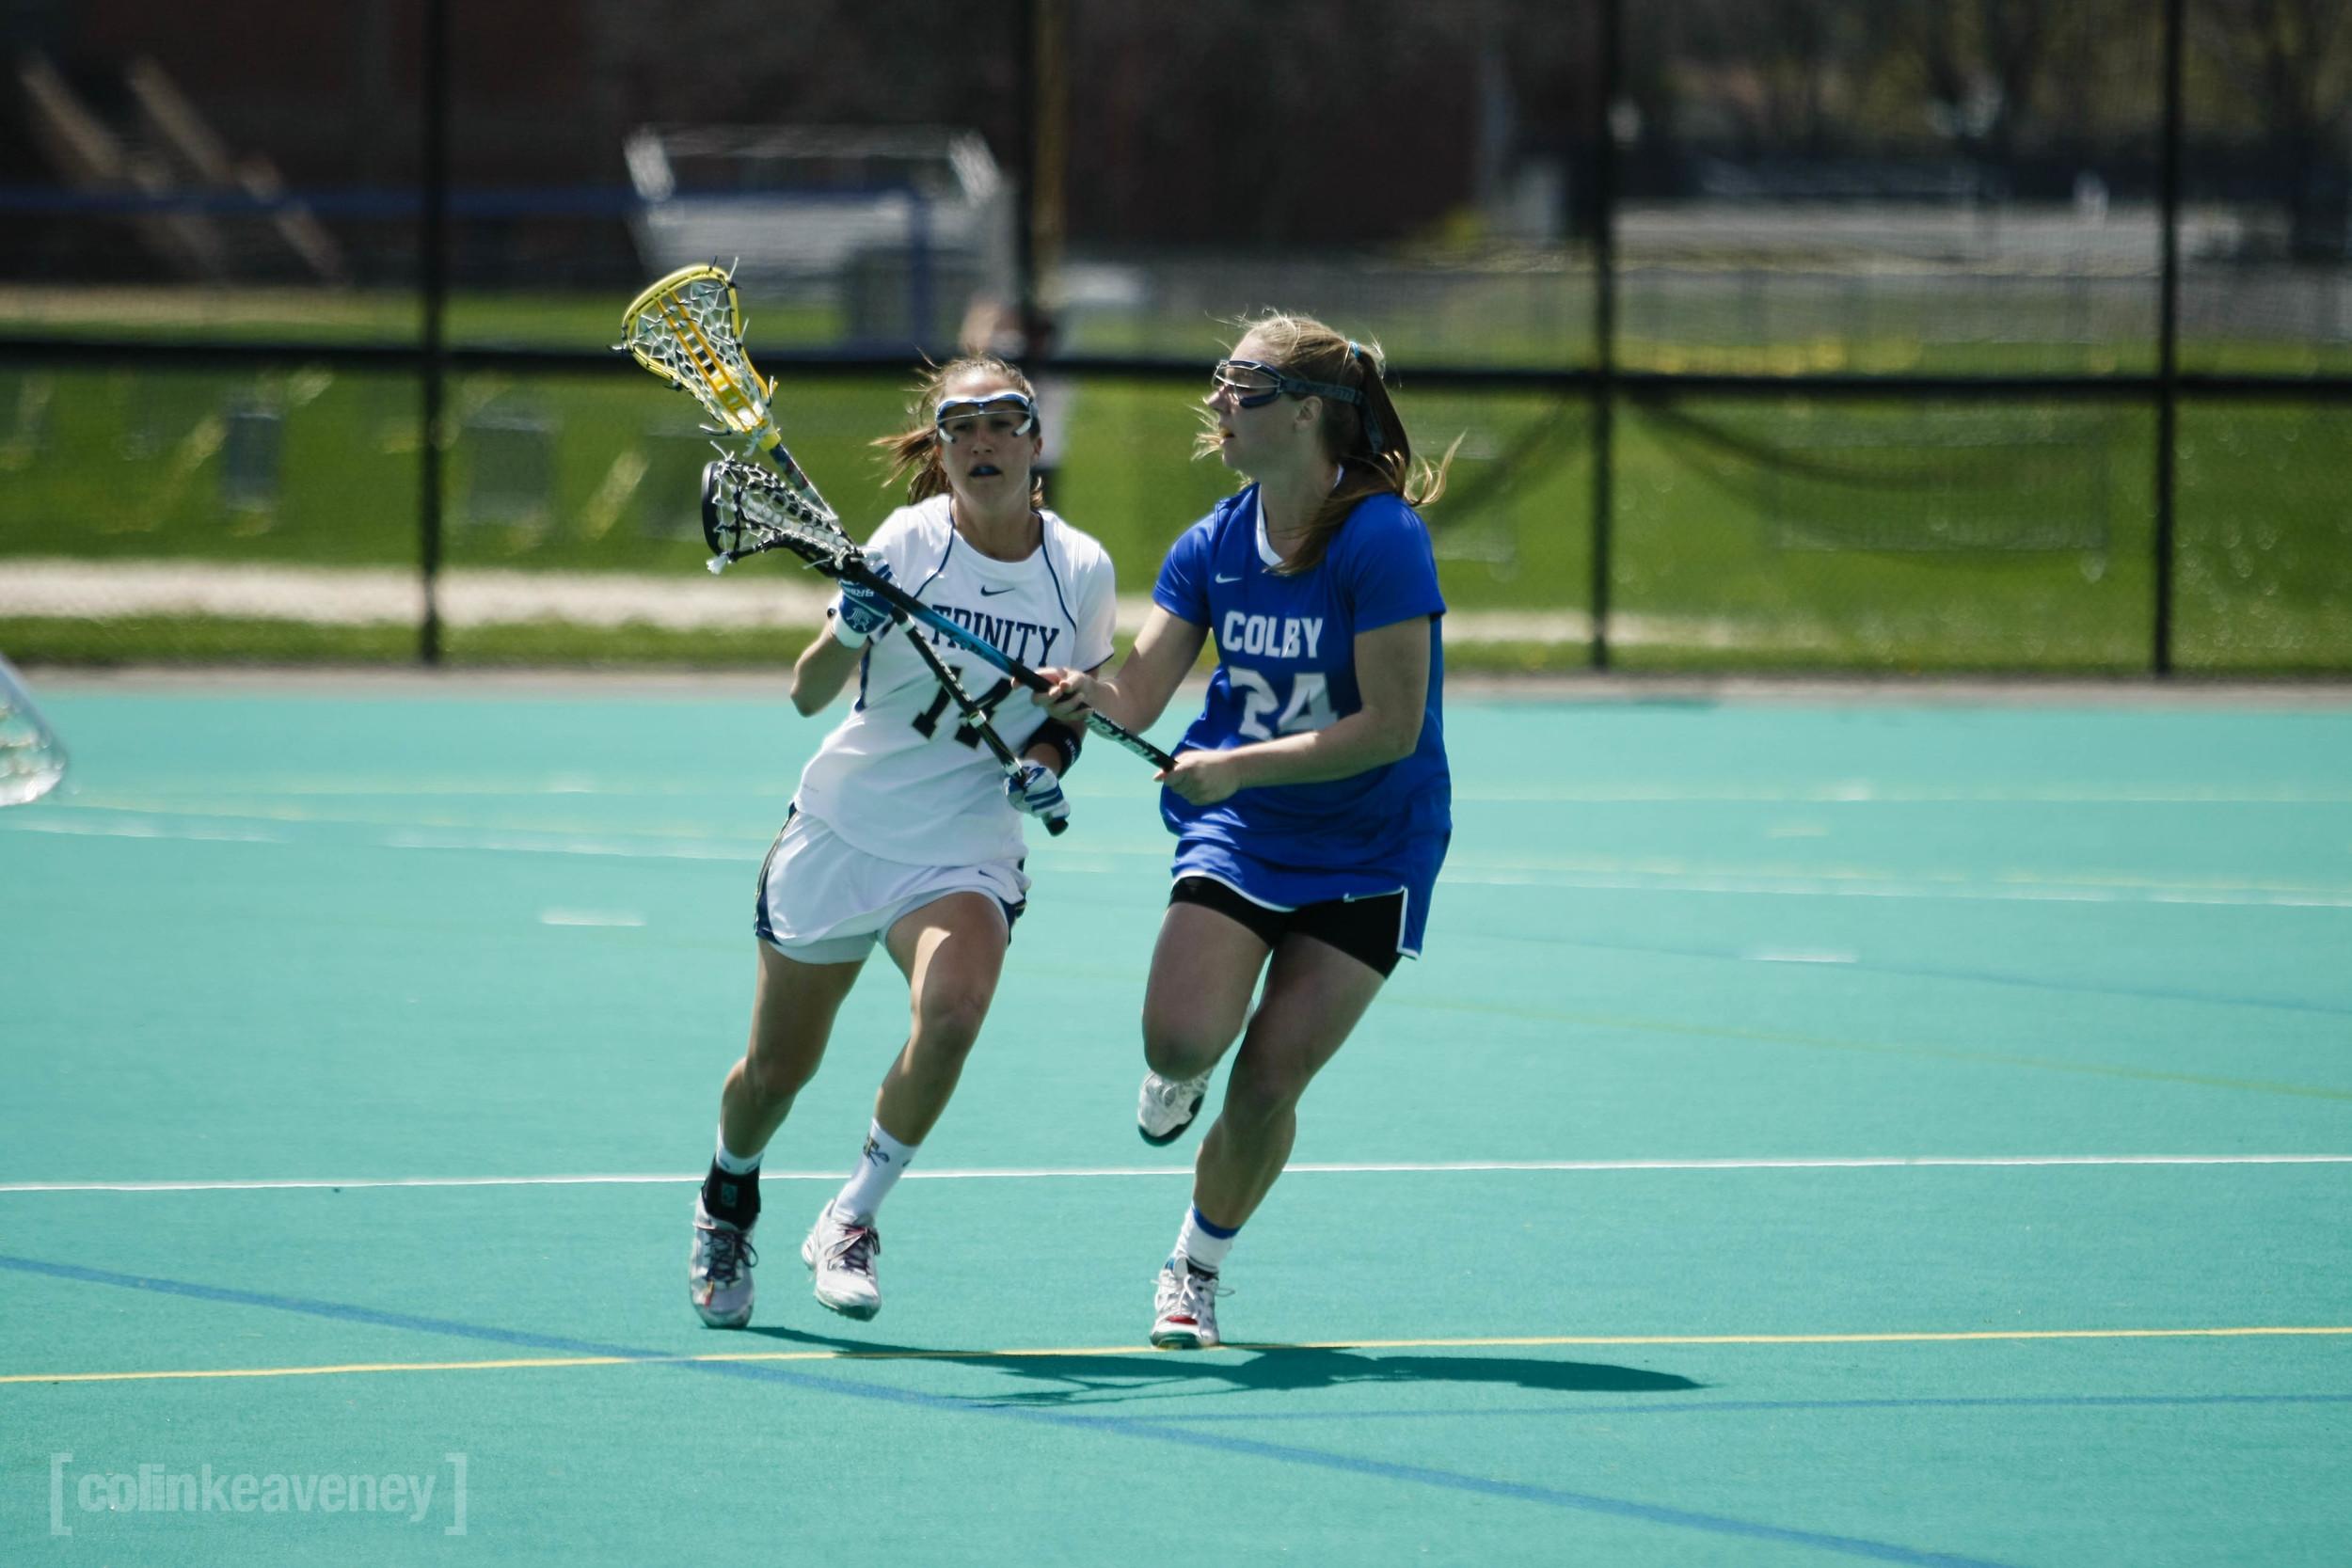 COLBY_lacrosse-30.jpg